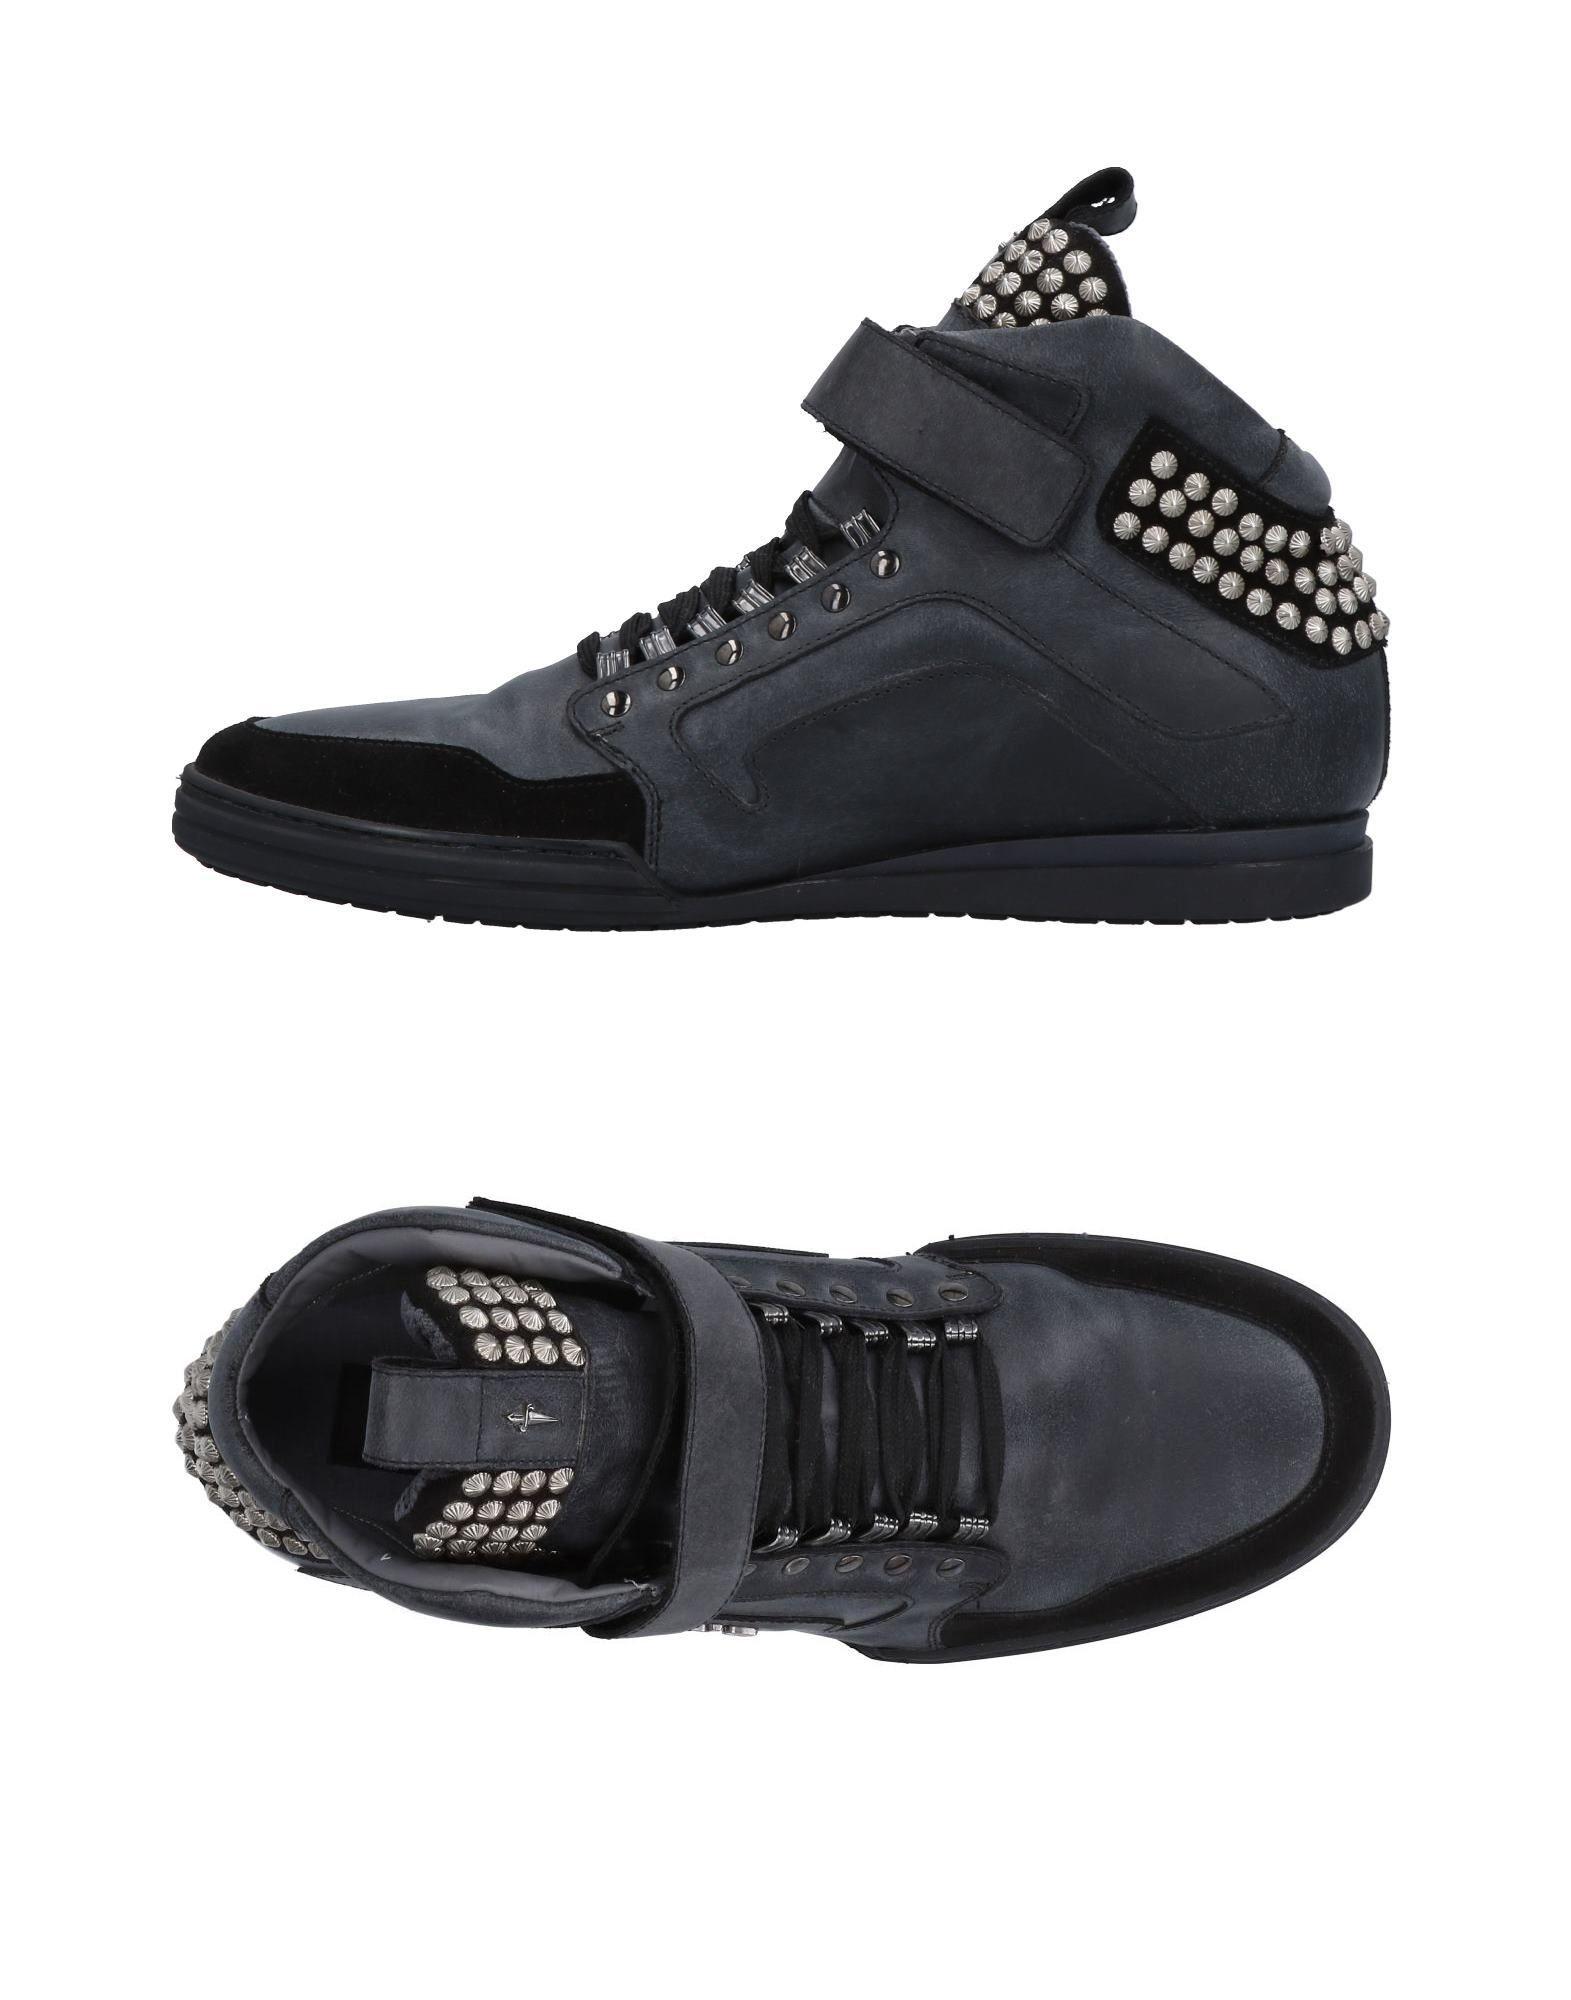 Baskets Baskets Baskets Cesare Paciotti 4Us Homme - Baskets Cesare Paciotti 4Us  Anthracite Dernières chaussures discount pour hommes et femmes 9c5682